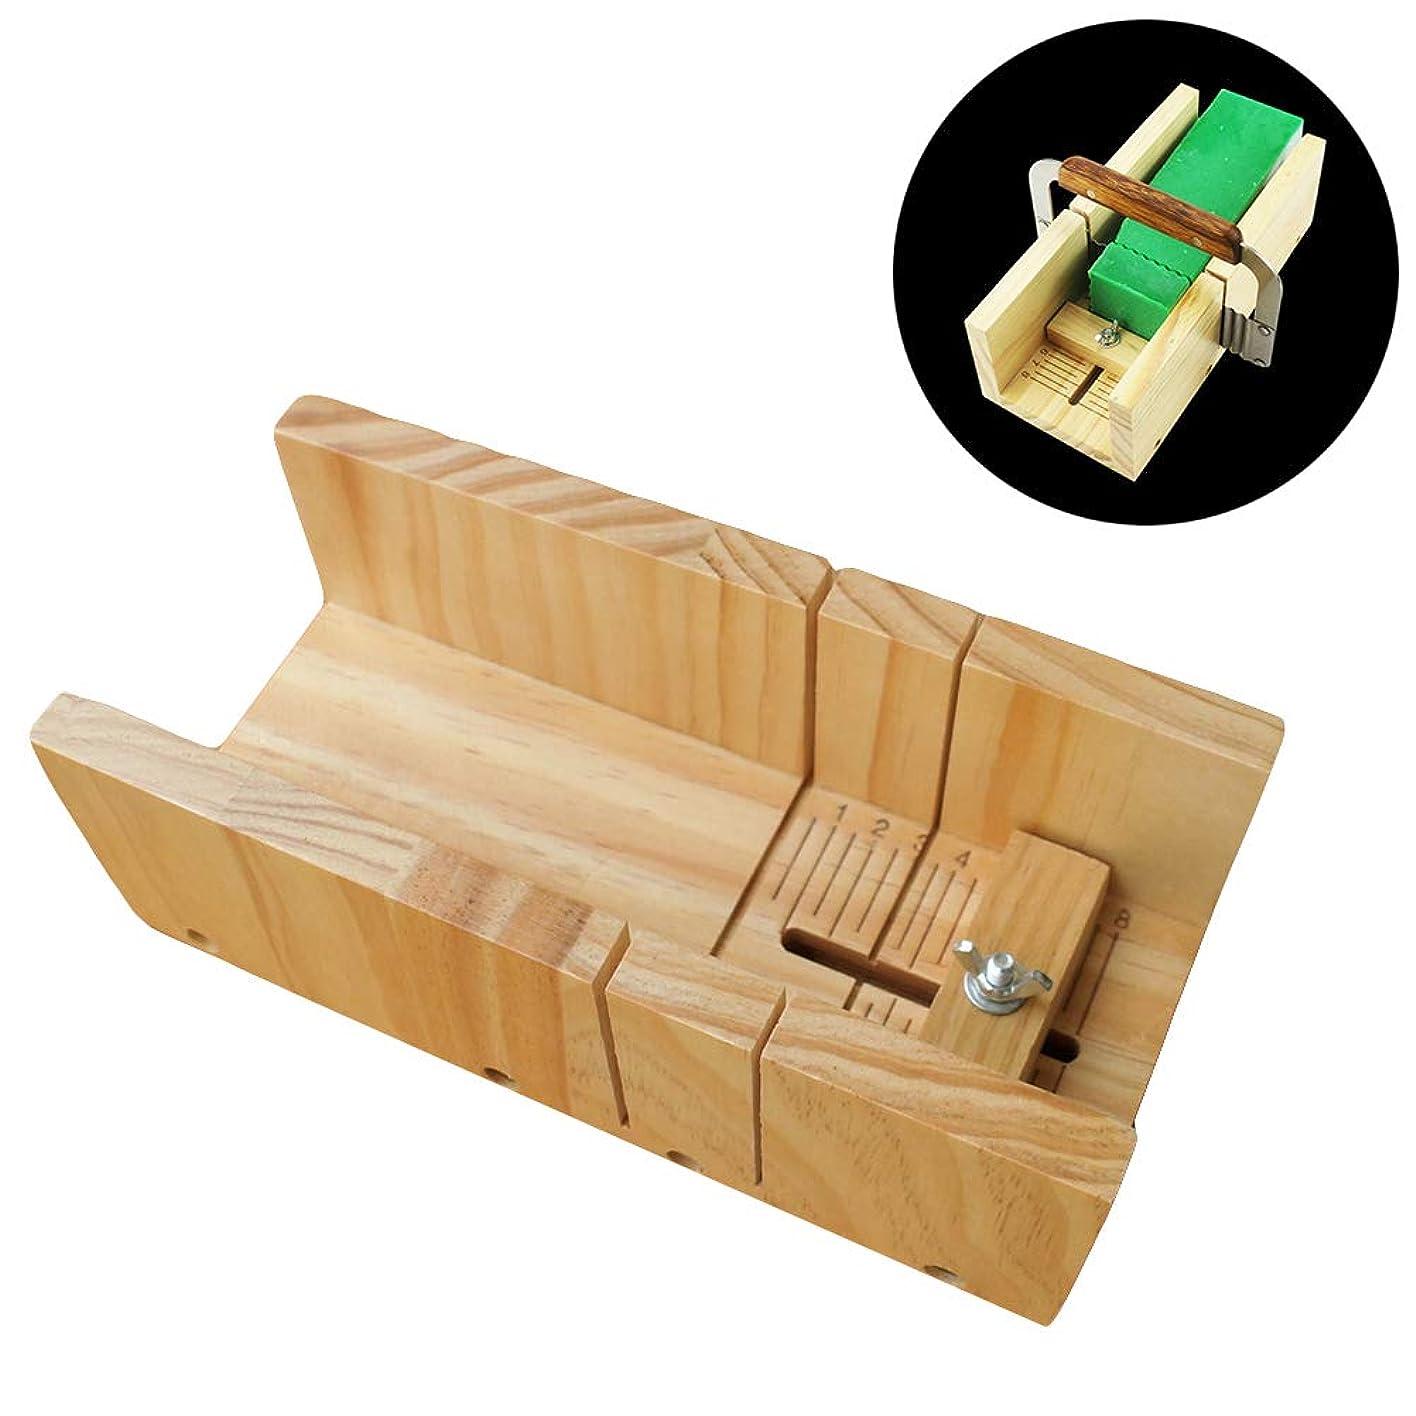 接尾辞道を作る灰Healifty 木製石鹸カッターモールド石鹸ロープモールド調節可能なカッターモールドボックス石鹸ツールを作る